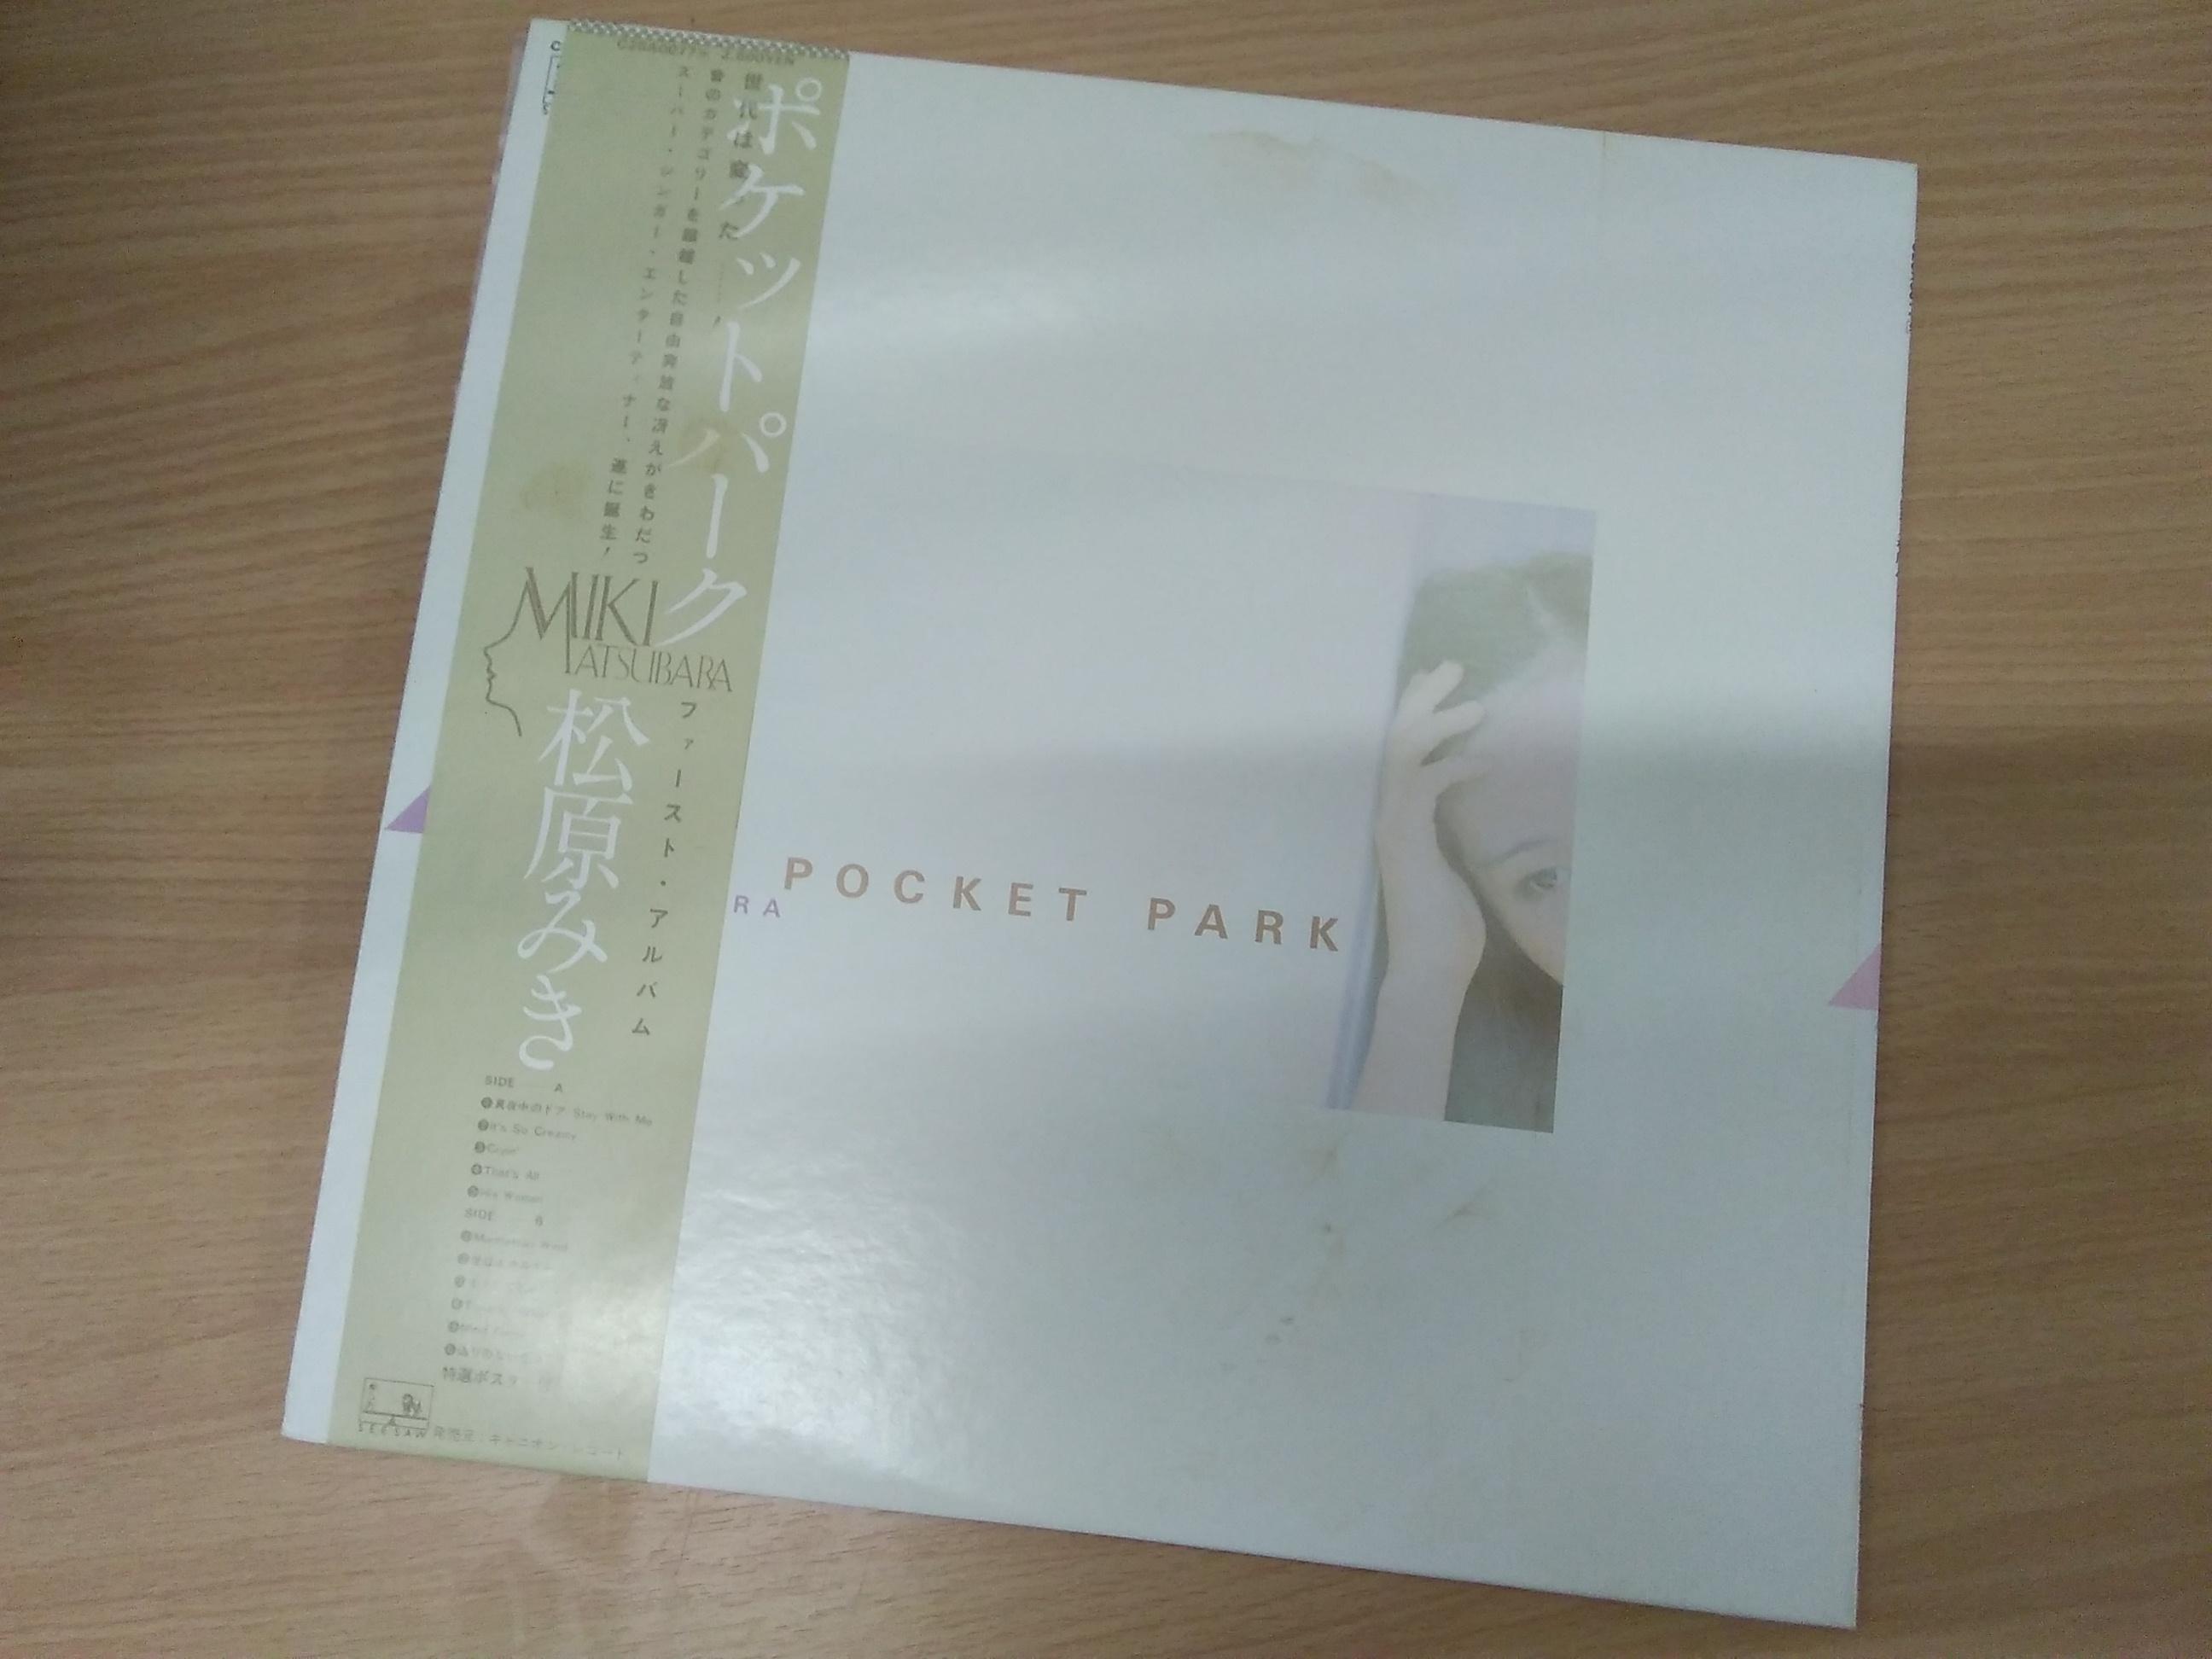 松原みき/ポケットパーク/LPレコード|邦楽LP「ま」